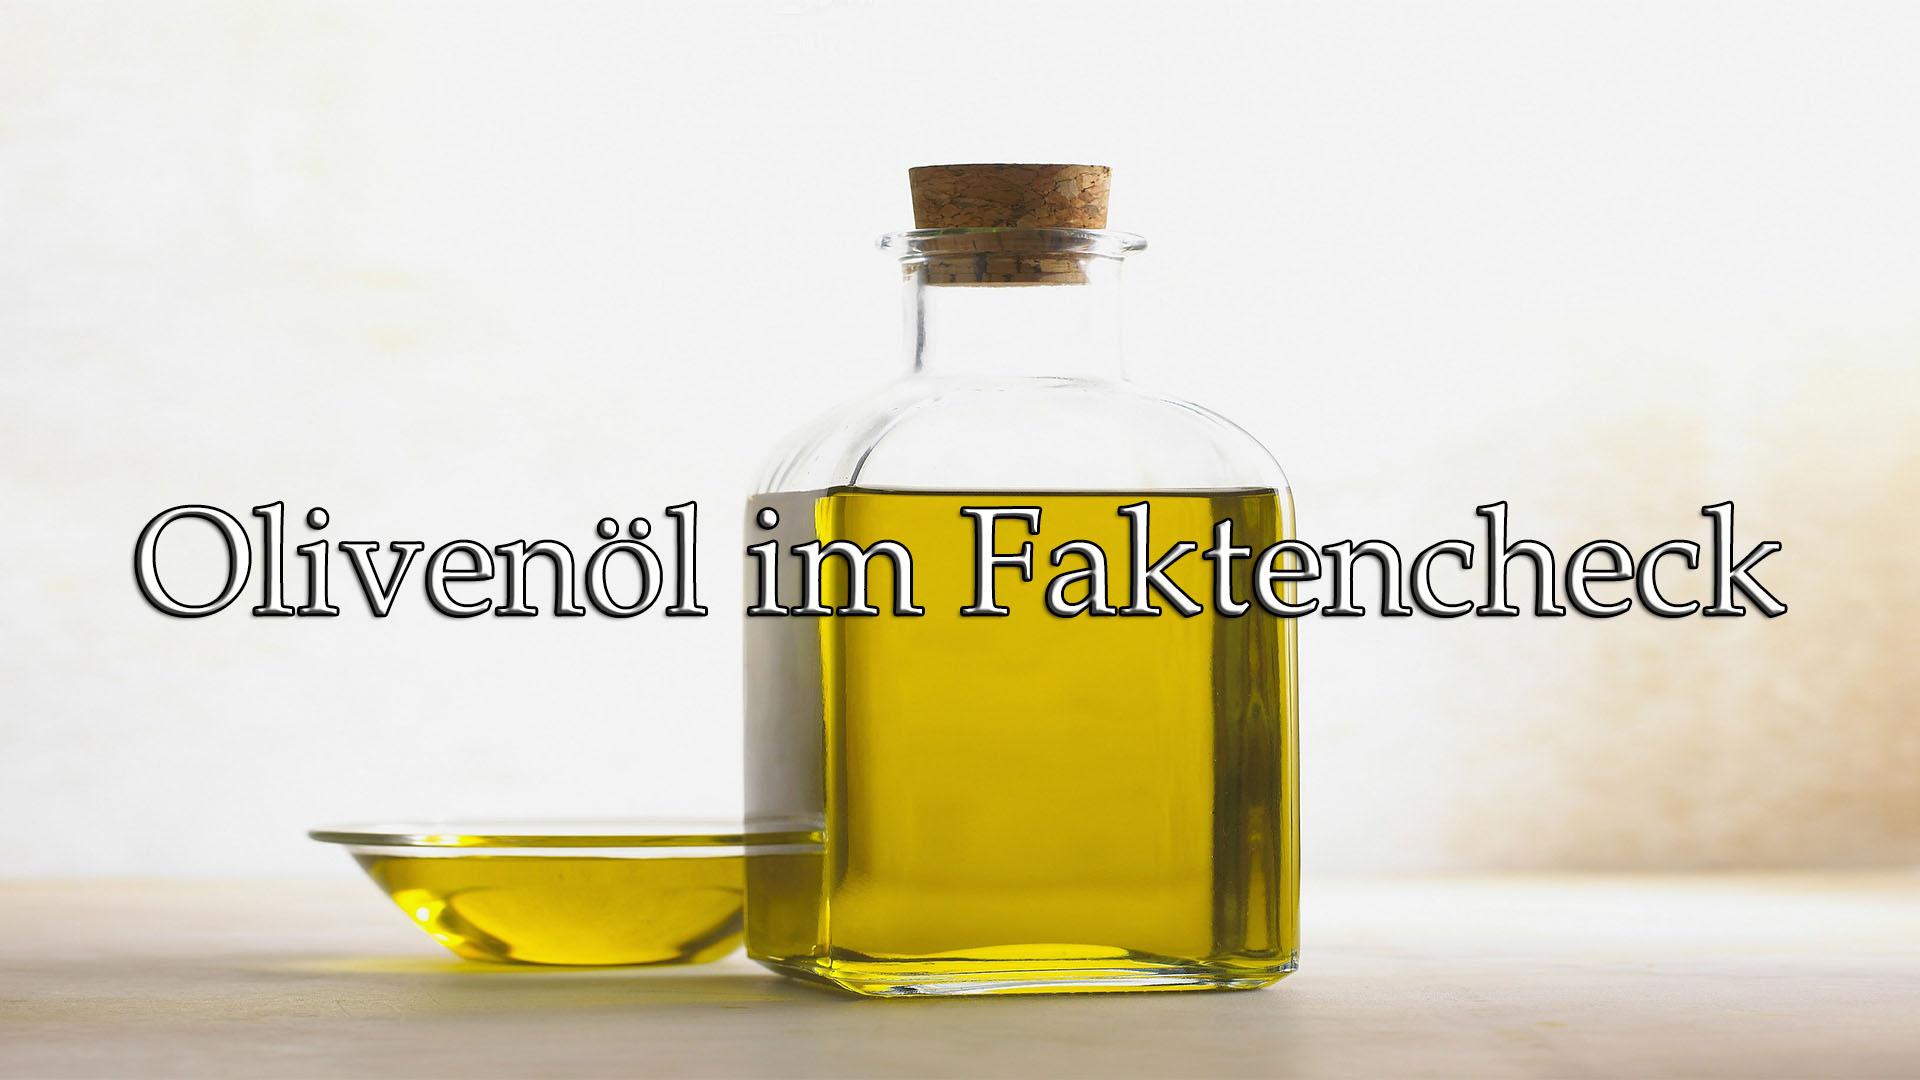 Olivenöl im Faktencheck auf Kochen-verstehen.de